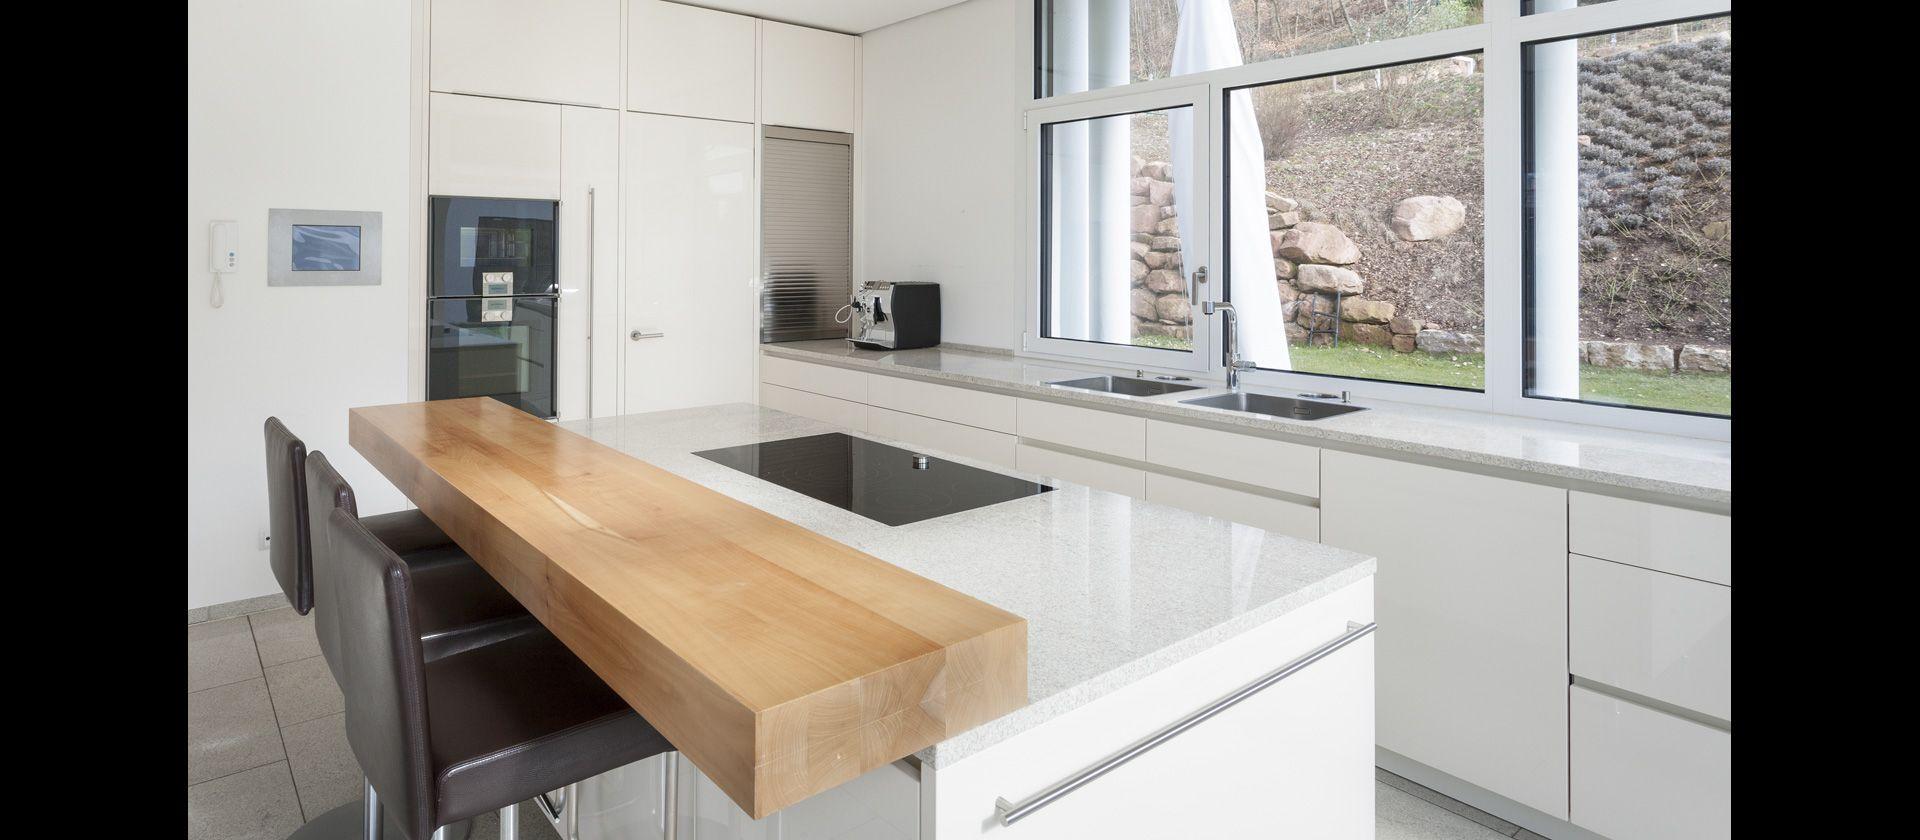 Mtb Kuche In Hochglanz Weiss Und Arbeitsflachen Aus Granit Kuche Hochglanz Kuche Hochglanz Weiss Style At Home